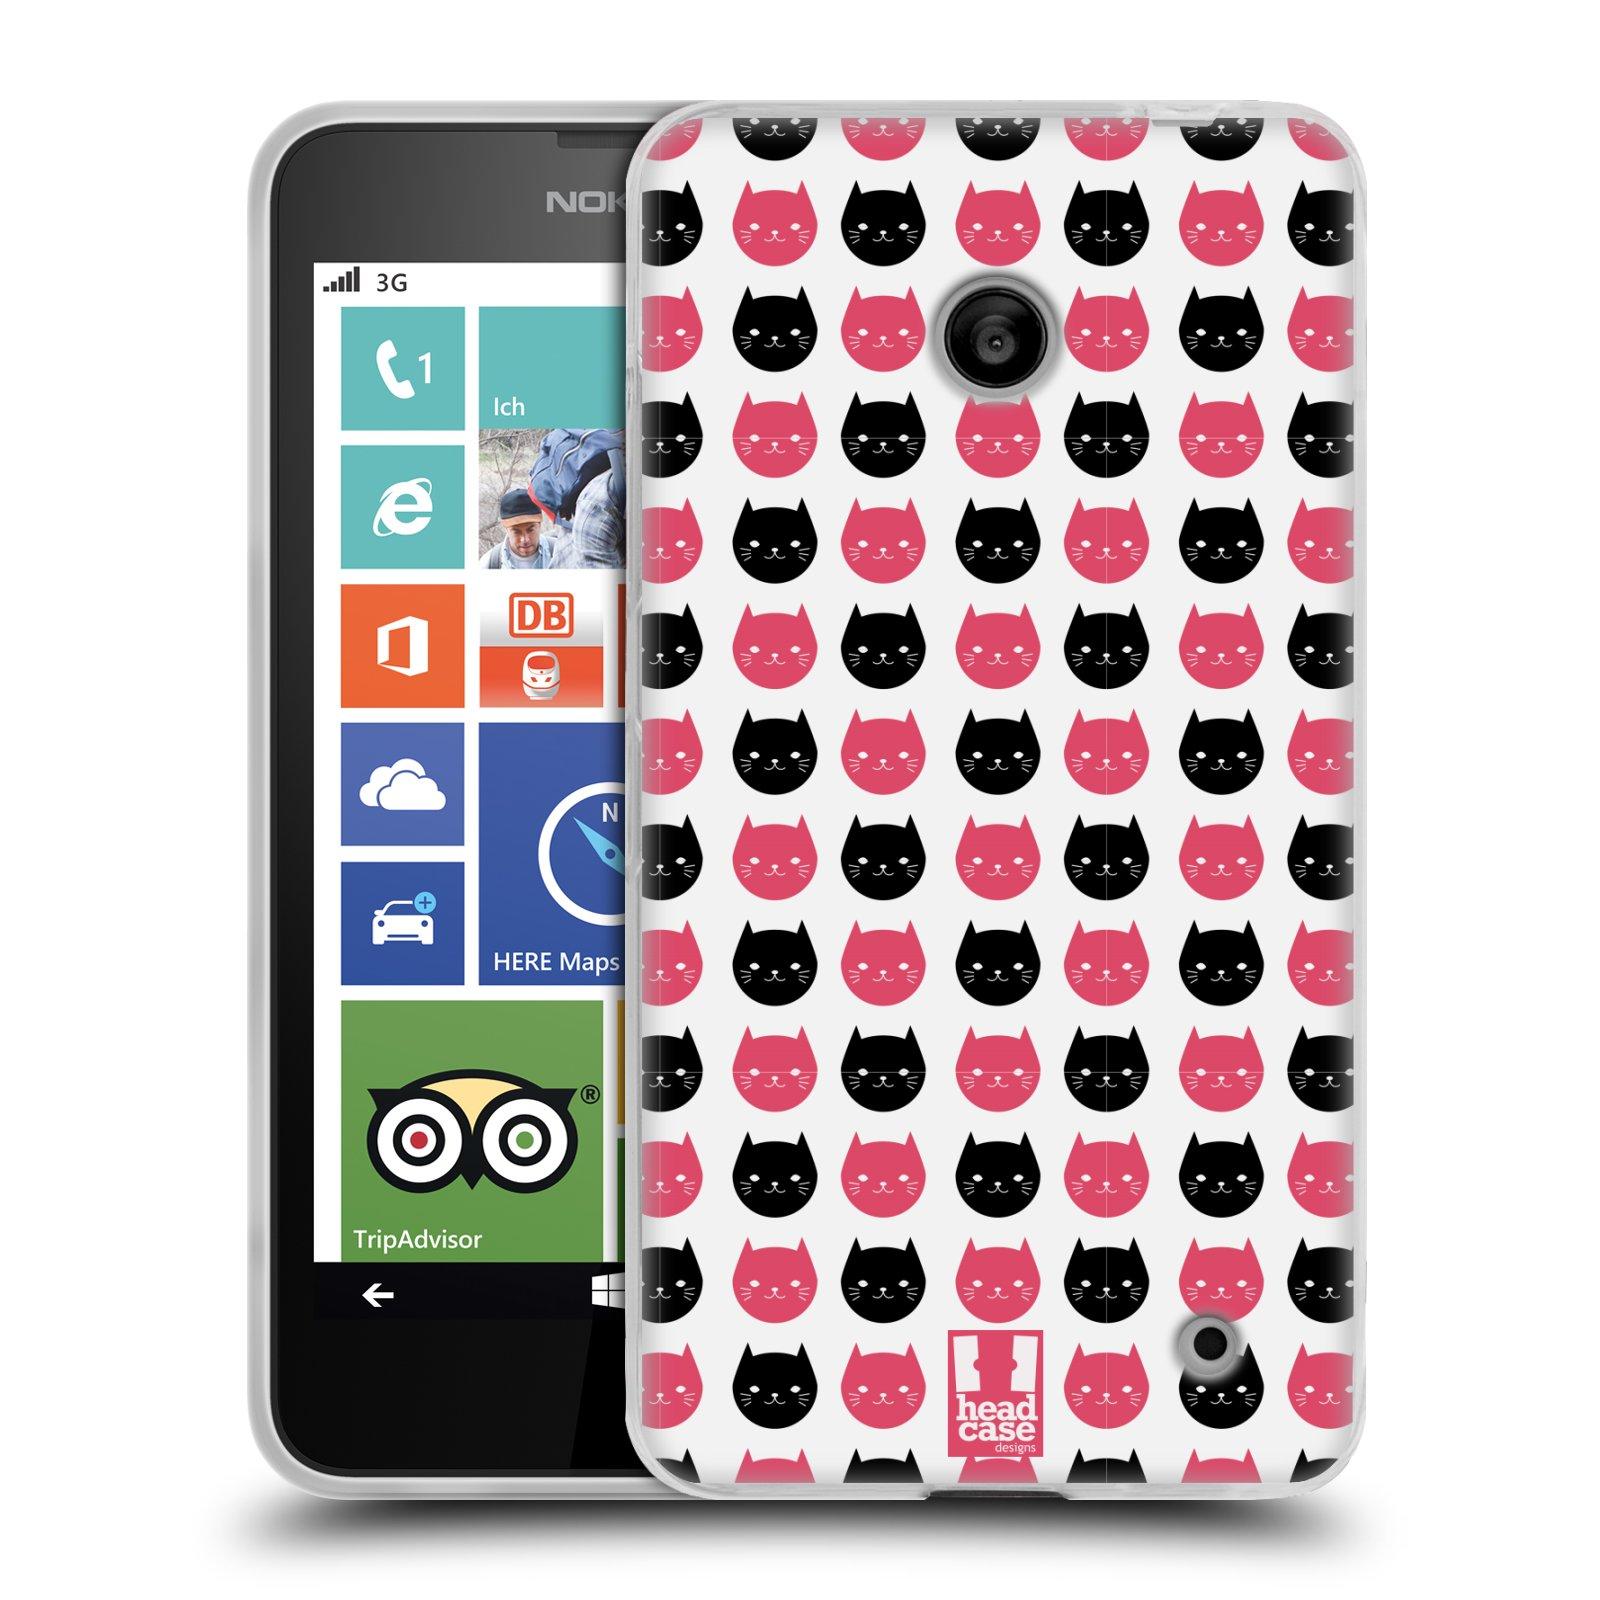 Silikonové pouzdro na mobil Nokia Lumia 635 HEAD CASE KOČKY Black and Pink (Silikonový kryt či obal na mobilní telefon Nokia Lumia 635 Dual SIM)